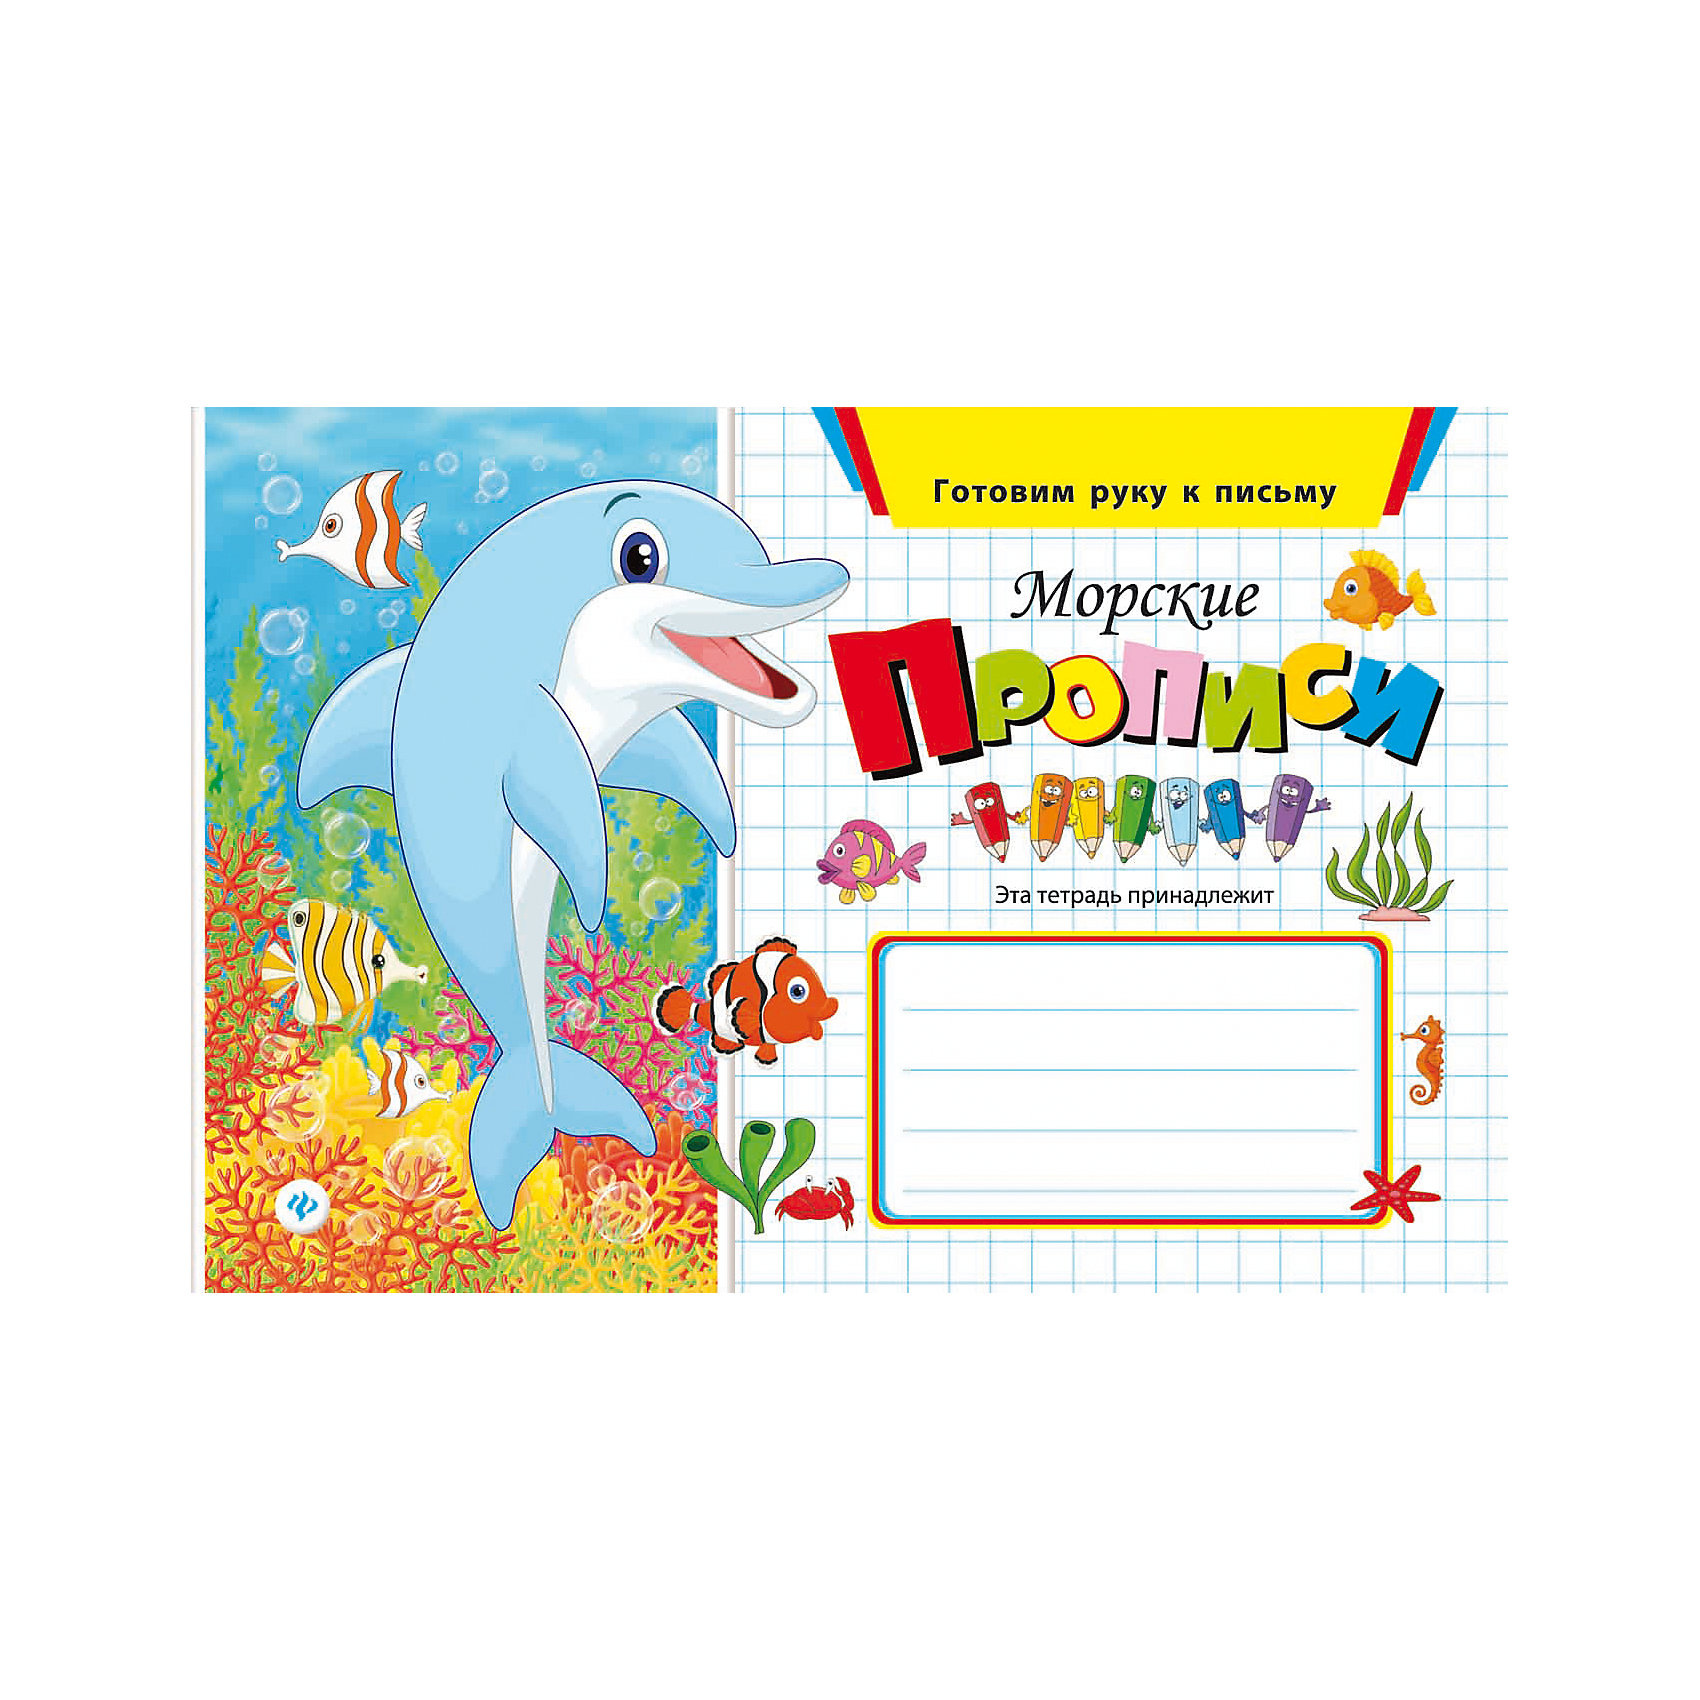 Прописи Морские , 3-е изданиеПрописи Морские, 3-е издание<br><br>Характеристики: <br><br>• Кол-во страниц: 16<br>• ISBN: 9785222259351<br>• Возраст: 3+<br>• Обложка: мягкая<br>• Формат: а4<br><br>Эта книга предназначены для работы с детьми 3-4 лет. Она поможет развить детям те навыки, которые особенно пригодятся им в начальной школе, когда нужно будет учиться писать буквы правильно. Занимаясь прописями, ребенок вырабатывает умение ориентироваться на листе бумаги, развивает свое зрительное восприятие и мелкую моторику, а так же координацию движений.<br><br>Прописи Морские, 3-е издание можно купить в нашем интернет-магазине.<br><br>Ширина мм: 140<br>Глубина мм: 207<br>Высота мм: 20<br>Вес г: 35<br>Возраст от месяцев: -2147483648<br>Возраст до месяцев: 2147483647<br>Пол: Унисекс<br>Возраст: Детский<br>SKU: 5464521